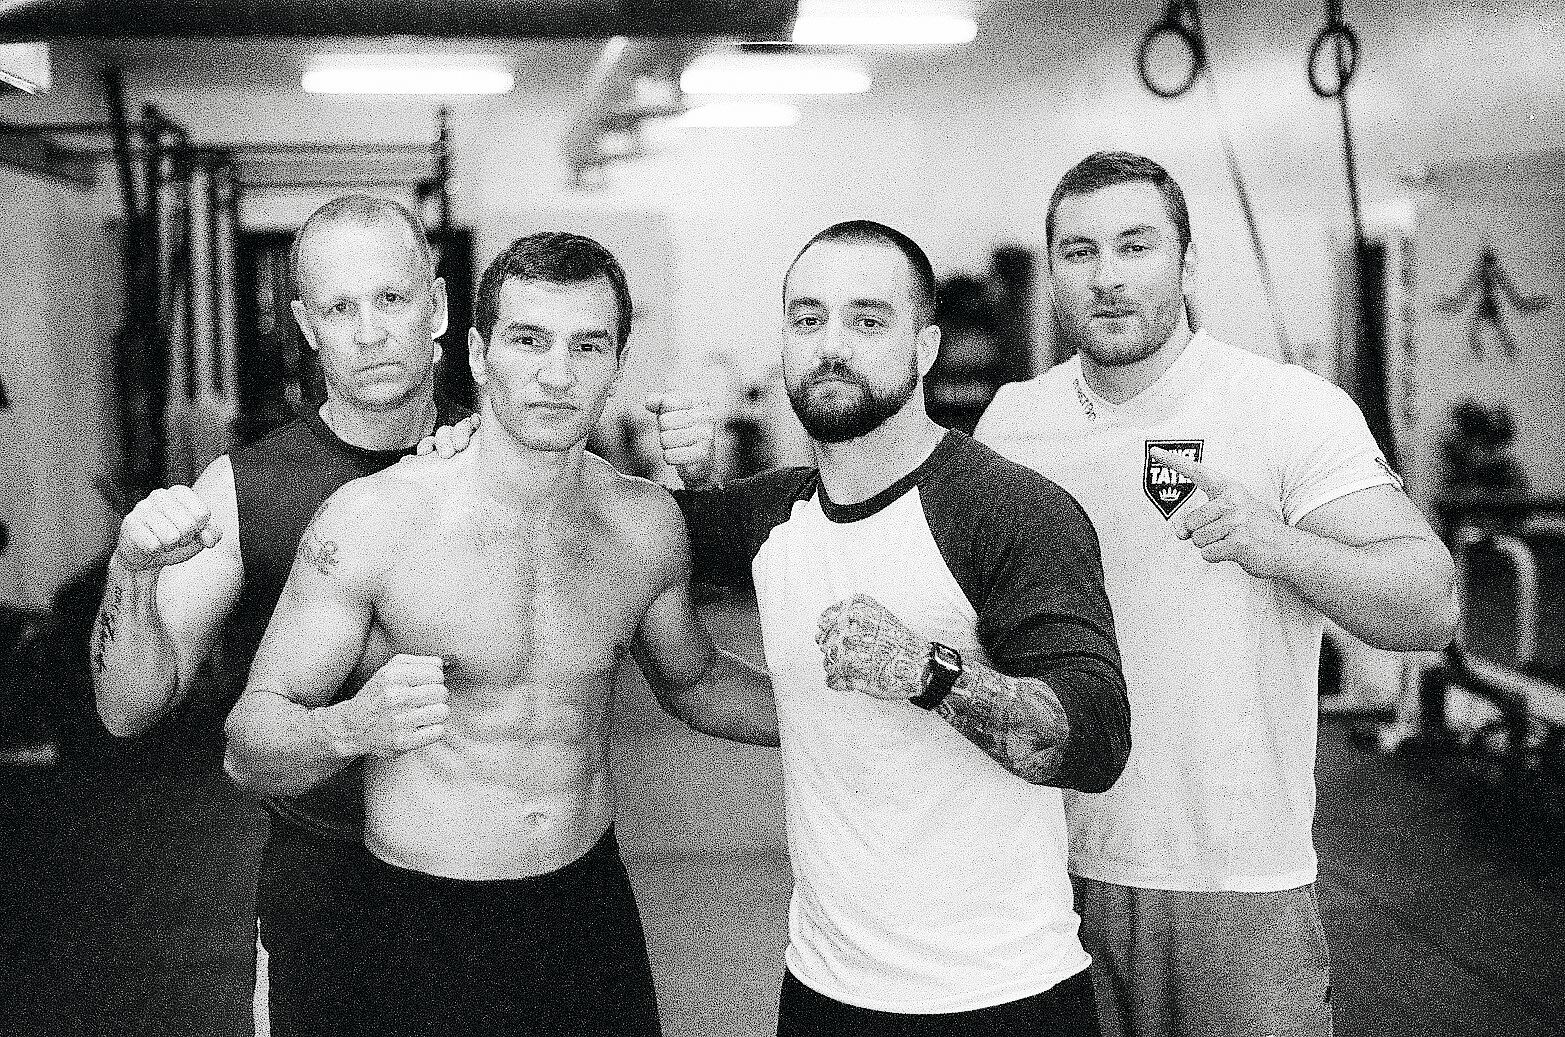 Managerina nyrkkeilijä Edis Tatlin treenileirillä Yhdysvalloissa vuonna 2015. Kuvassa vasemmalta lukien Jukka Jalonen, Edis Tatli, Taylor Ramsdell ja Sukri Tatli.